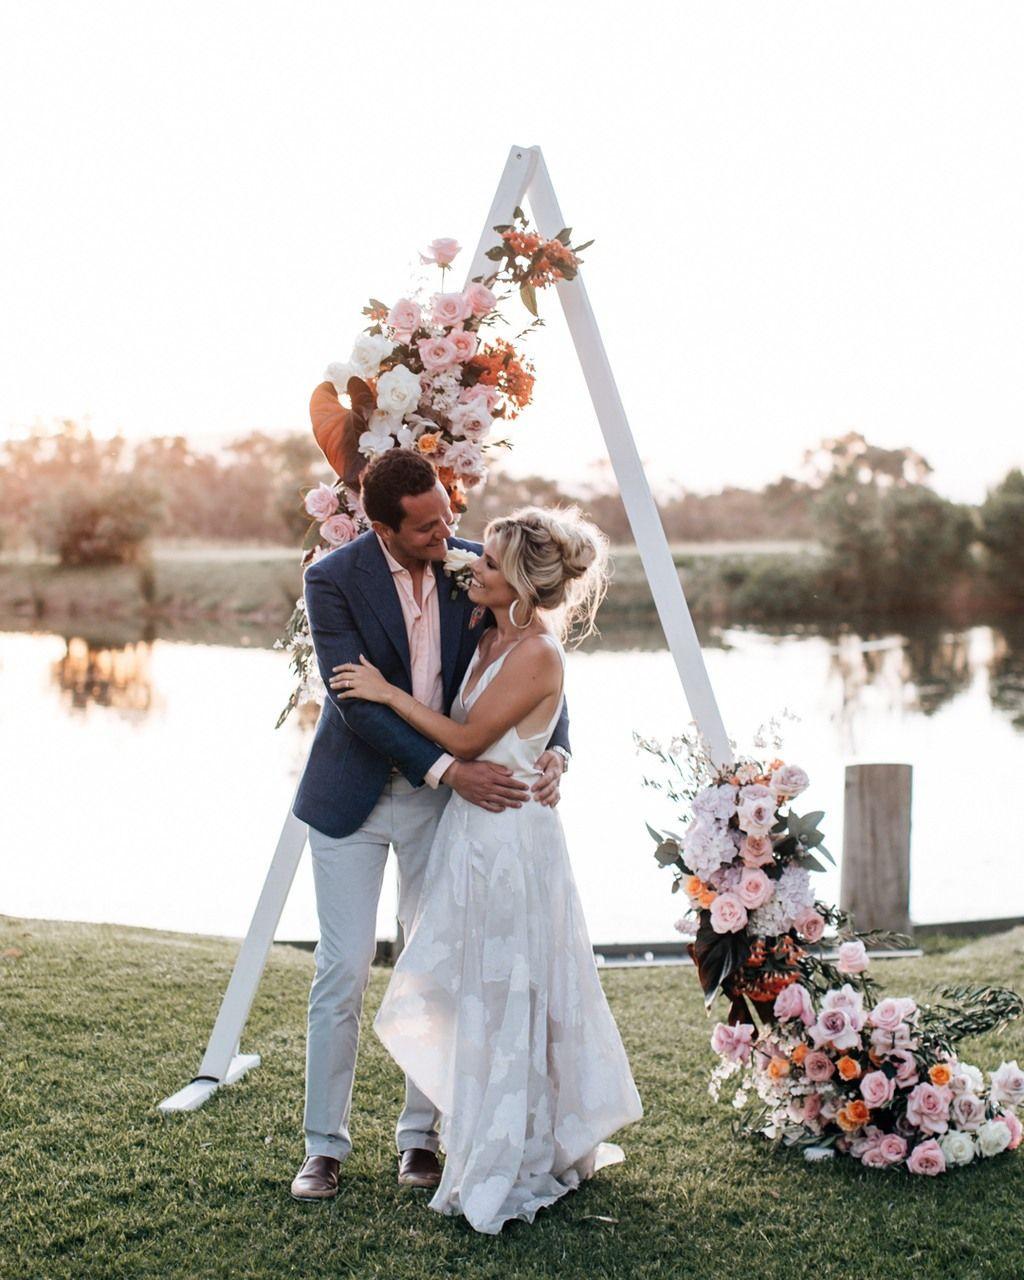 2020 Wedding Trends To Bookmark Part 2 2020 wedding trends to bookmark part 1 open frame wedding